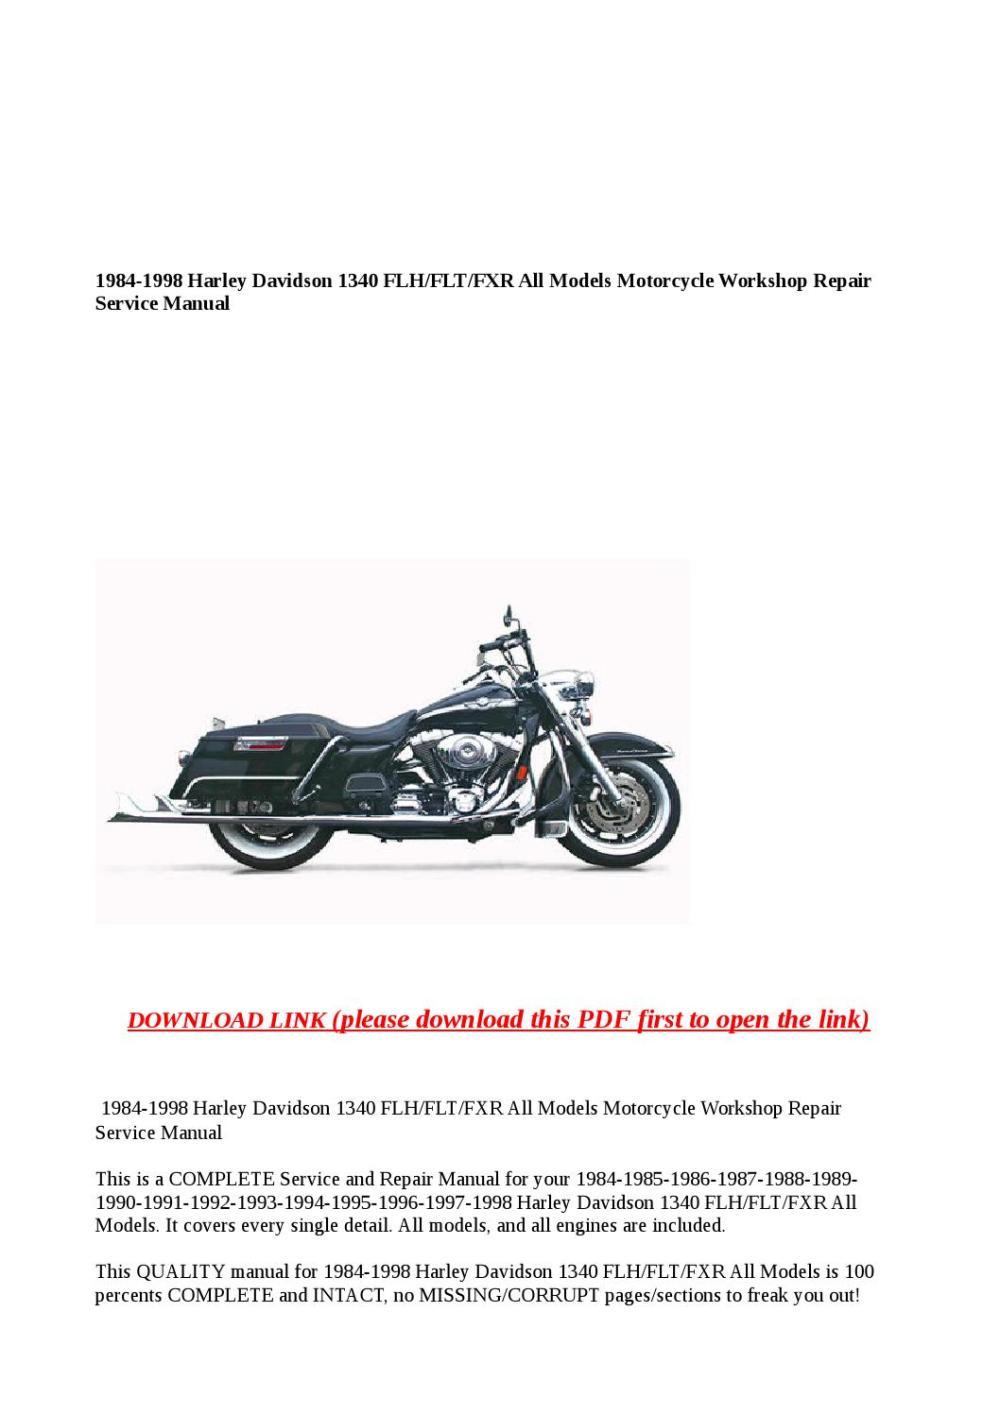 medium resolution of 1984 1998 harley davidson 1340 flh flt fxr all models motorcycle rh issuu com 1987 harley flh wiring diagram